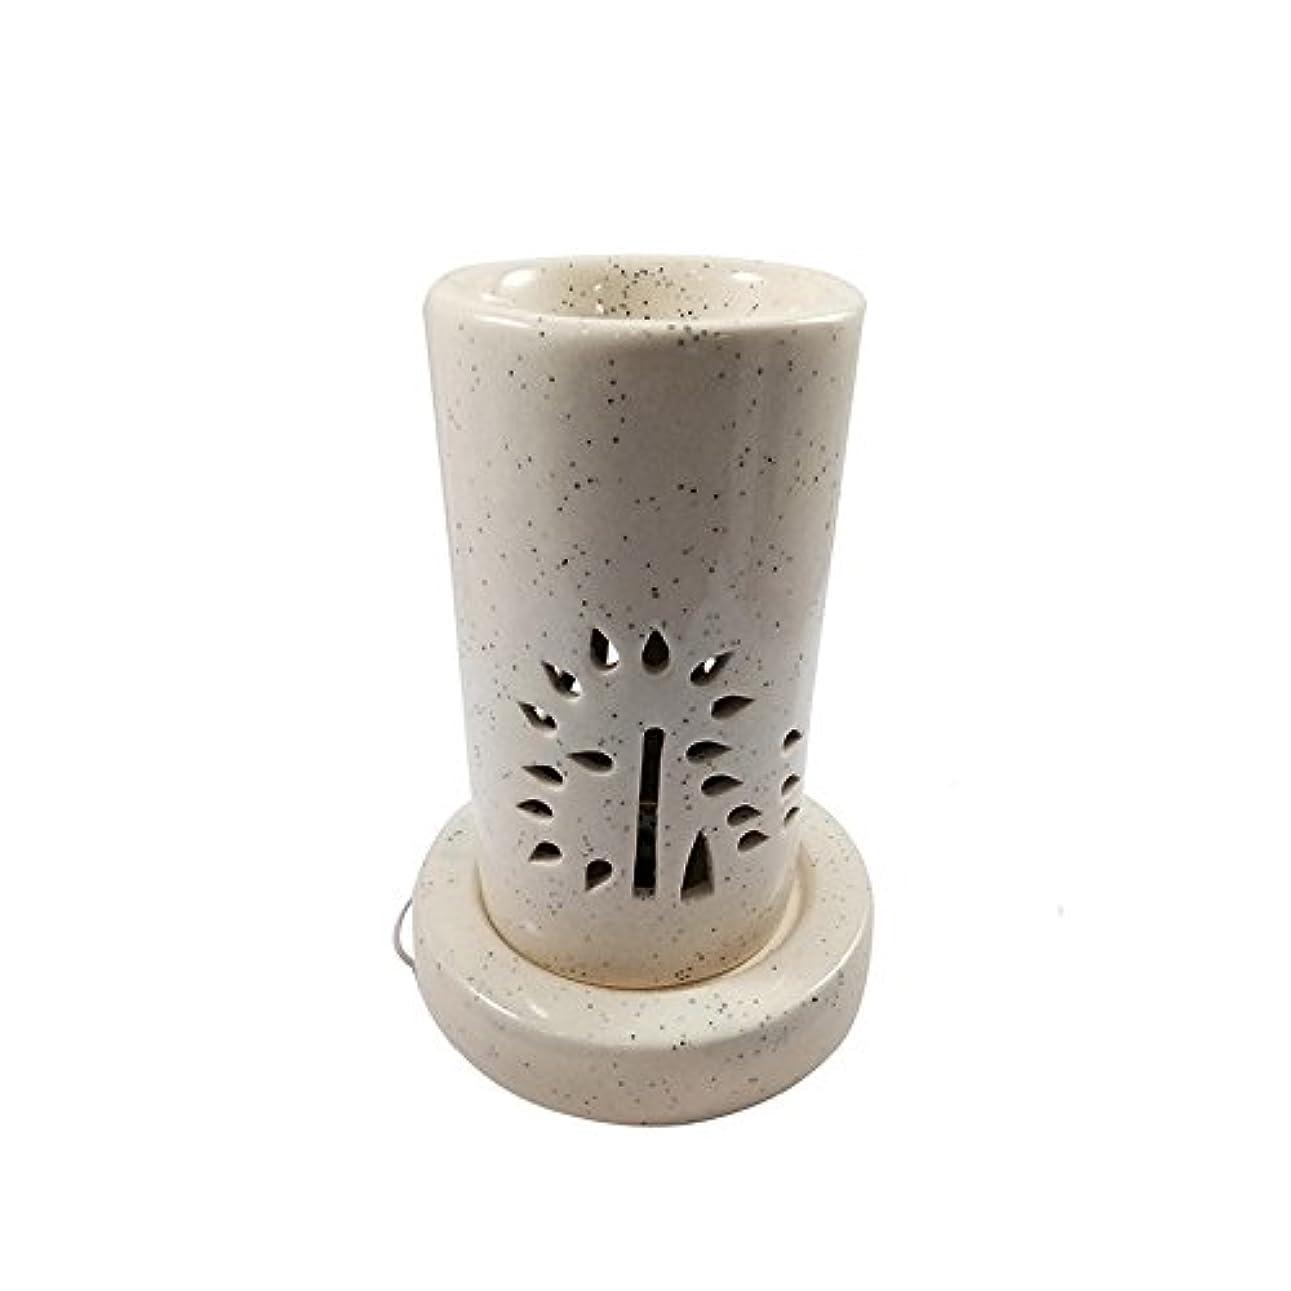 悪性ドレインヘルシーホームデコレーション定期的に使用する汚染のない手作りセラミックエスニックアロマディフューザーオイルバーナー|良質ブラウン色電気アロマテラピー香油暖かい数量1